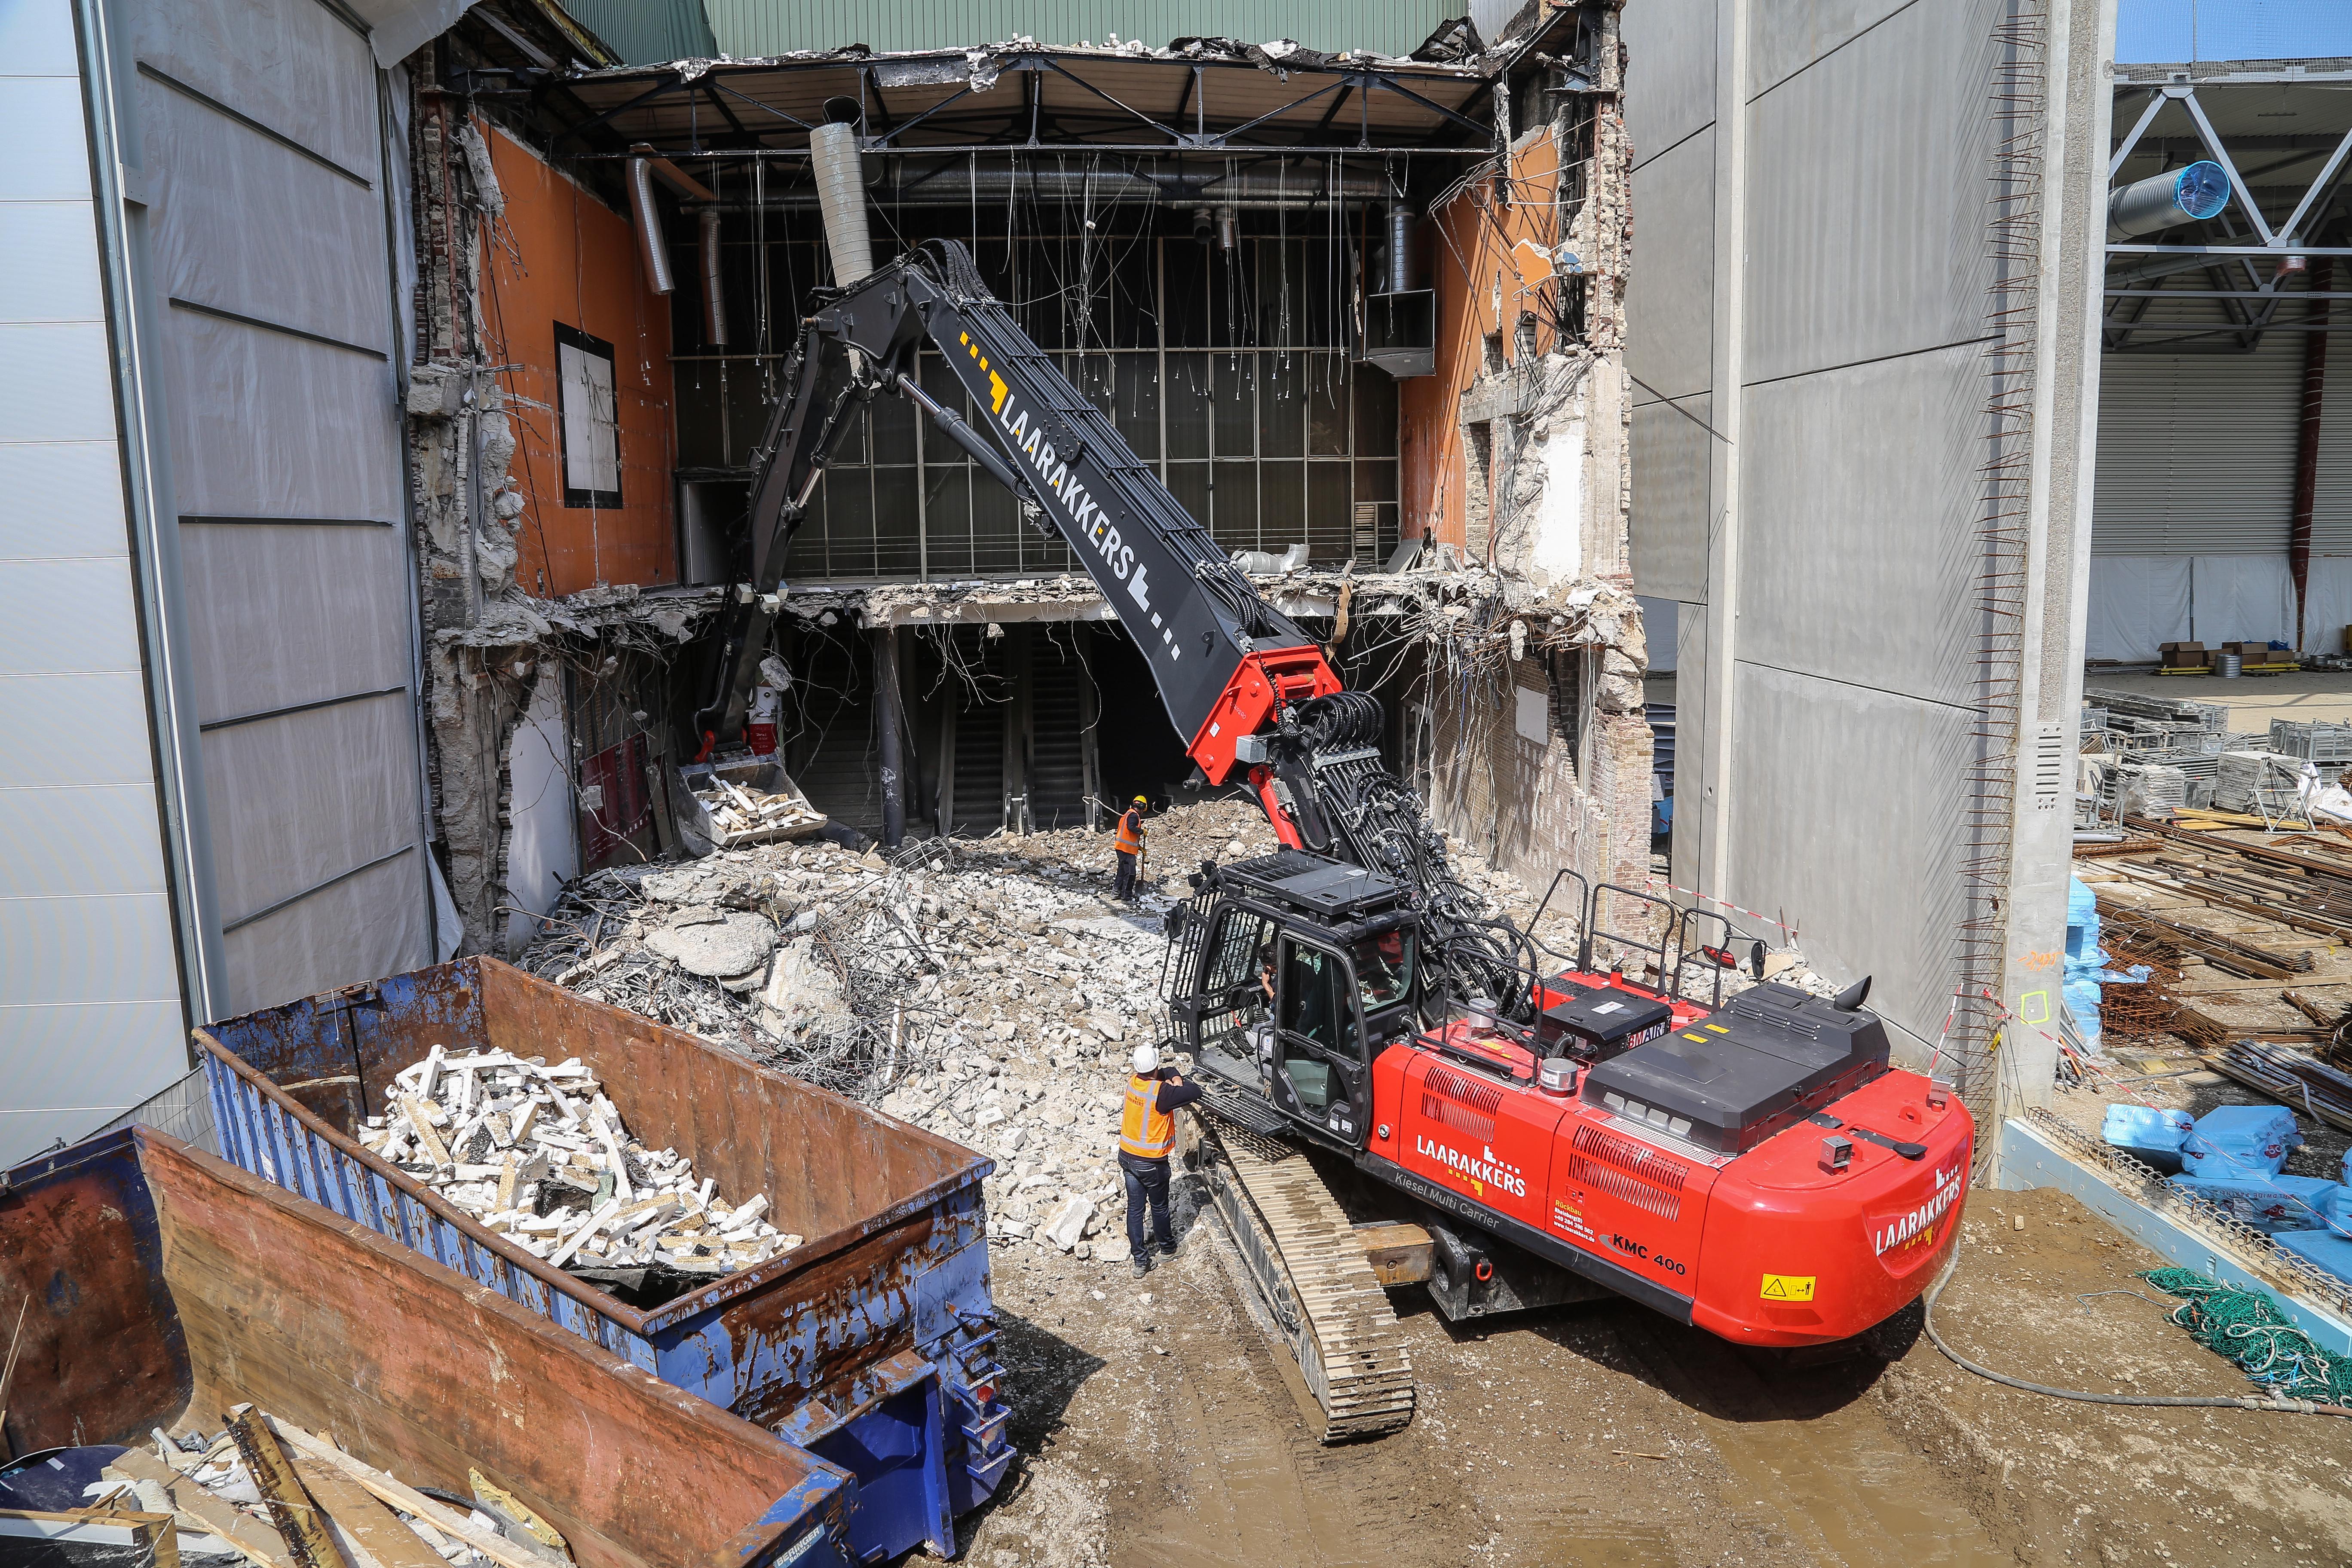 <p>Rechts nieuwbouw, links bestaande bouw. Iets dieper in deze sloop moeten zowel dakconstructie als betonvloer intact blijven. Laarakkers wordt er niet direct nerveus van.</p>